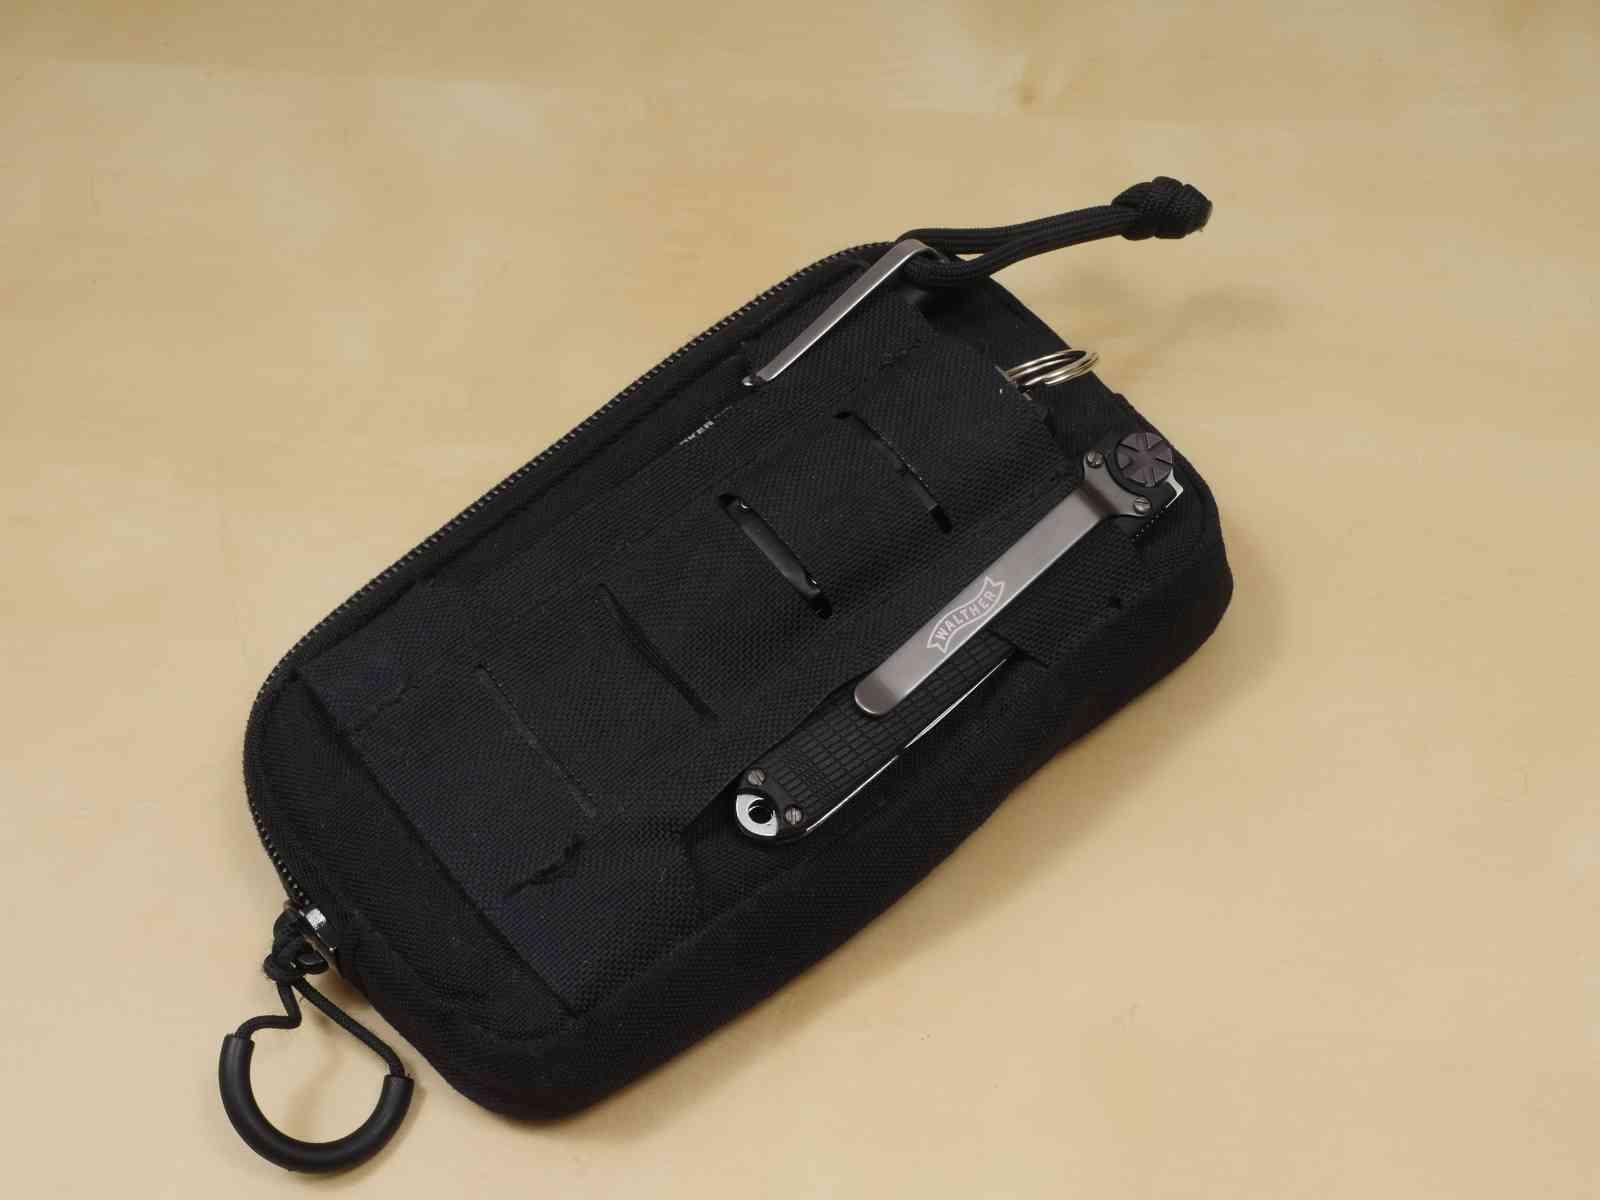 EDC _Rückseite mit Messer, Taschenlampe und Tactical Pen